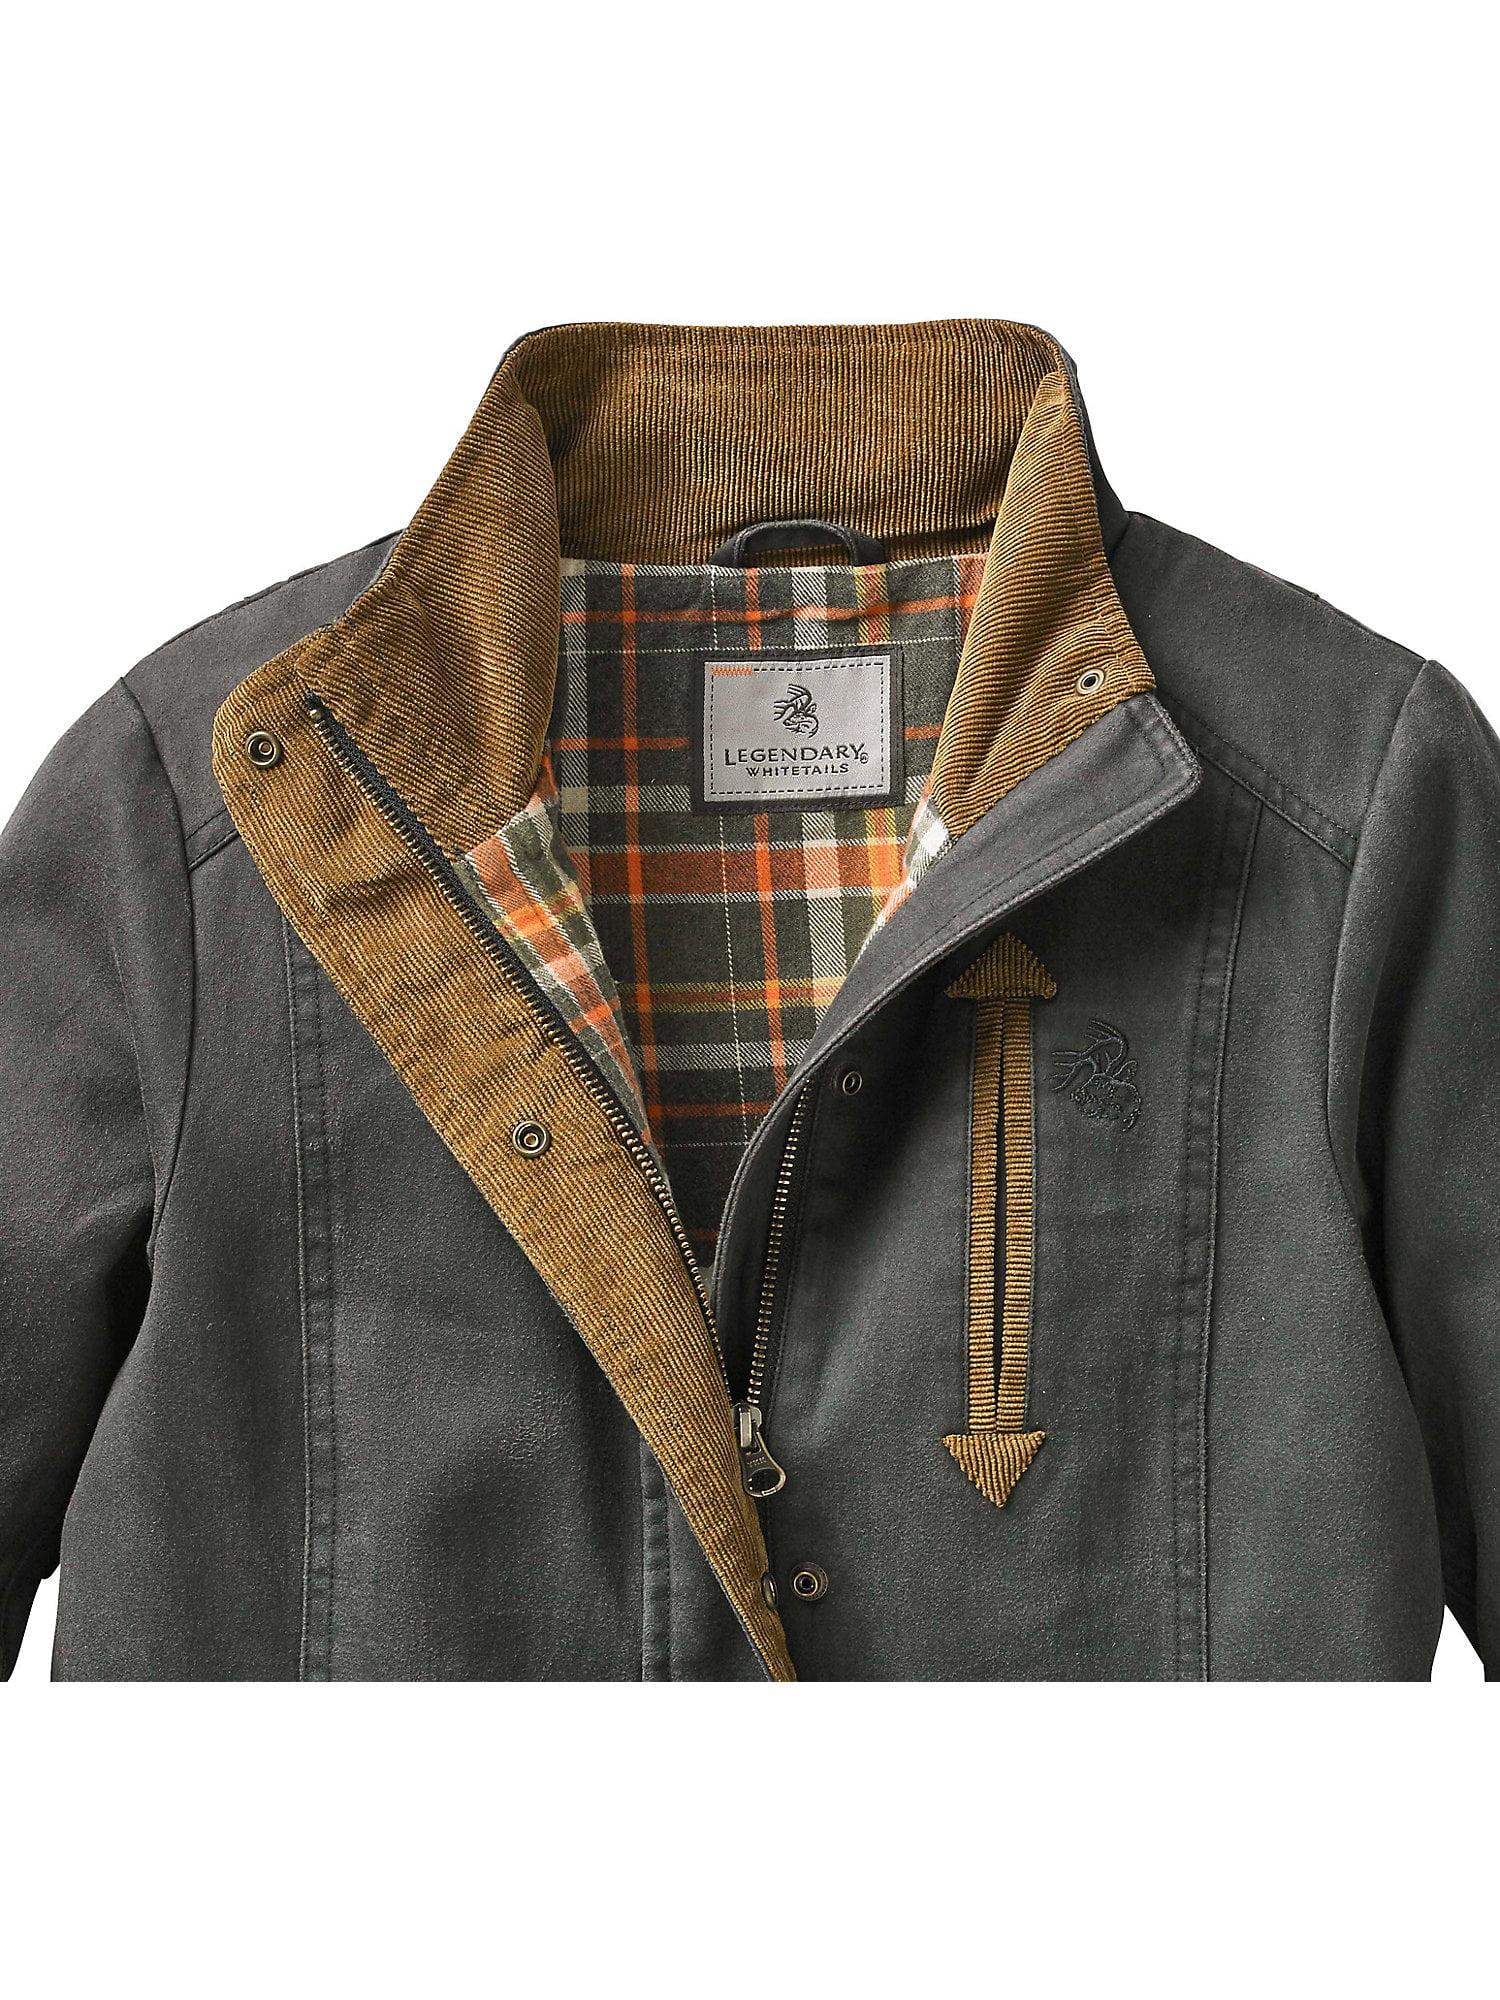 Legendary Whitetails Ladies Saddle Country Barn Coat